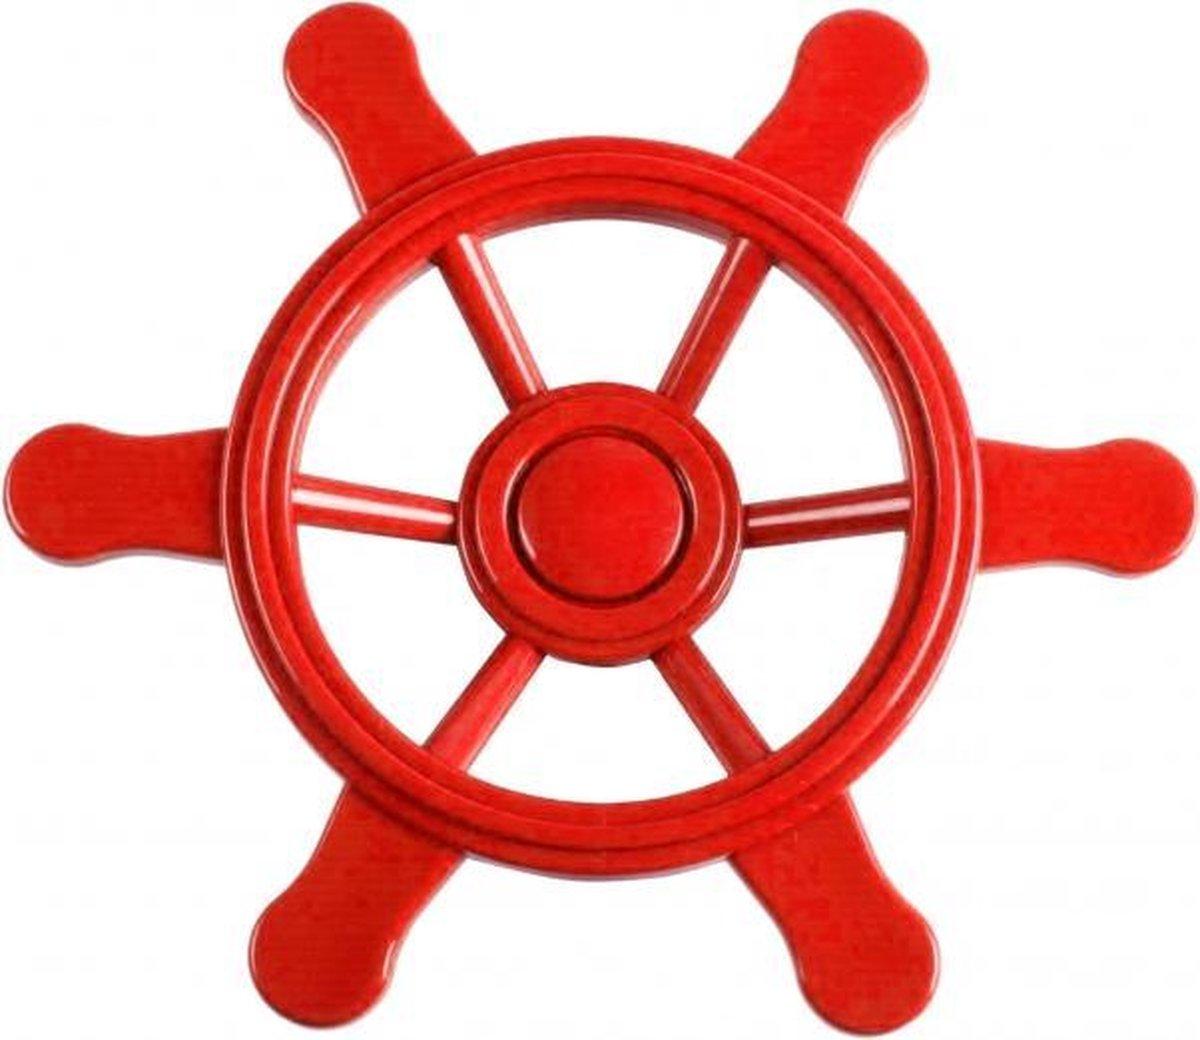 Swing King Piraten stuurwiel 21.5 cm klein rood 2552015